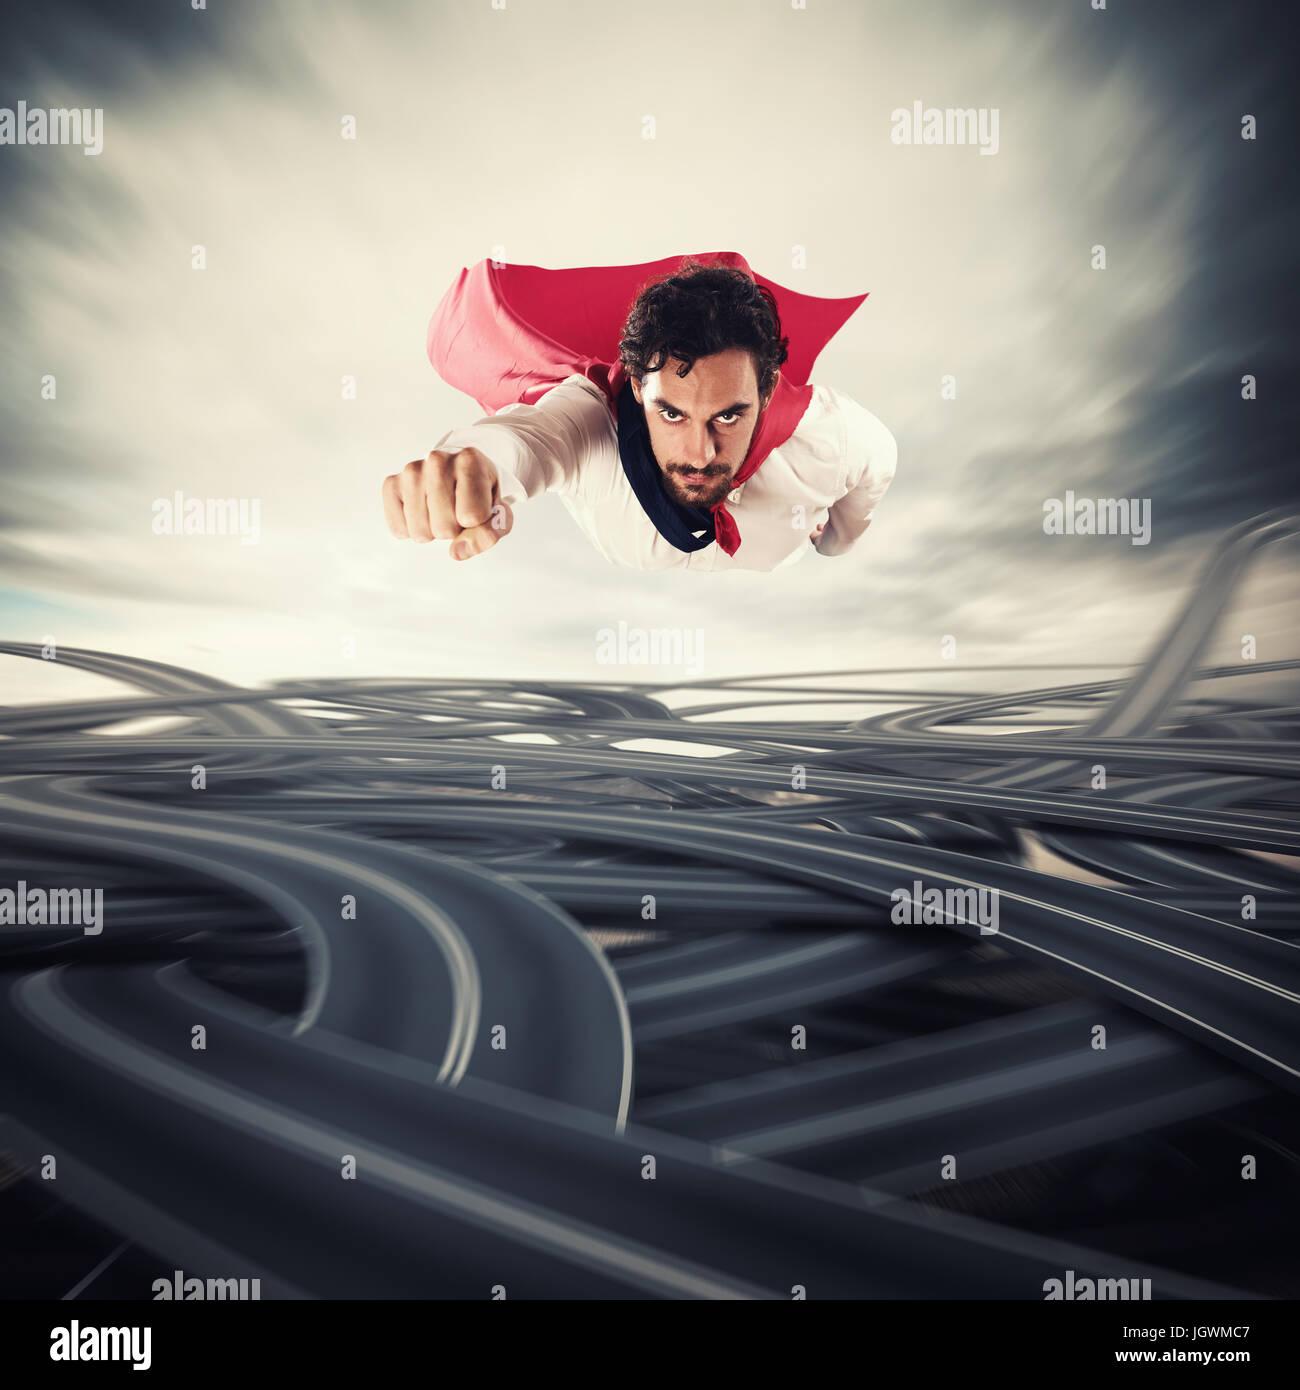 Die Schwierigkeiten zu überwinden. Konzept für Erfolg und Durchbruch Stockbild